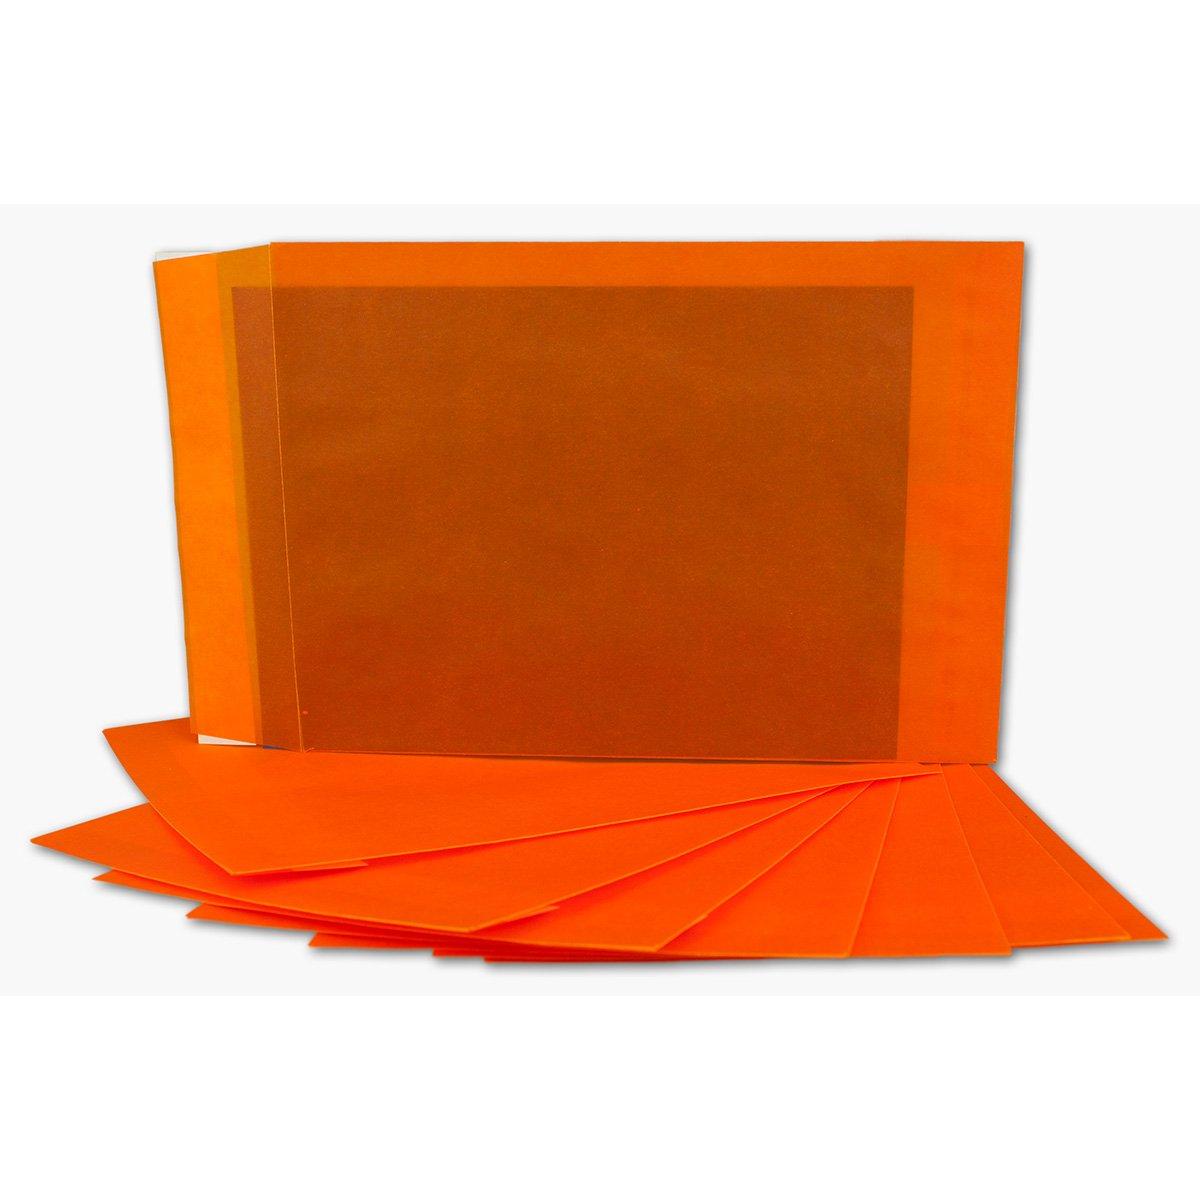 Transparente Transparente Transparente Umschläge DIN C5   200 Stück   Pastell-Orange-transparent mit seitlicher Verschlusslasche   Haftklebung   162 x 229 mm   Moderne Umschläge für Einladungen, Promotions, Giveaways B07JMXLJHC | Starker Wert  247432